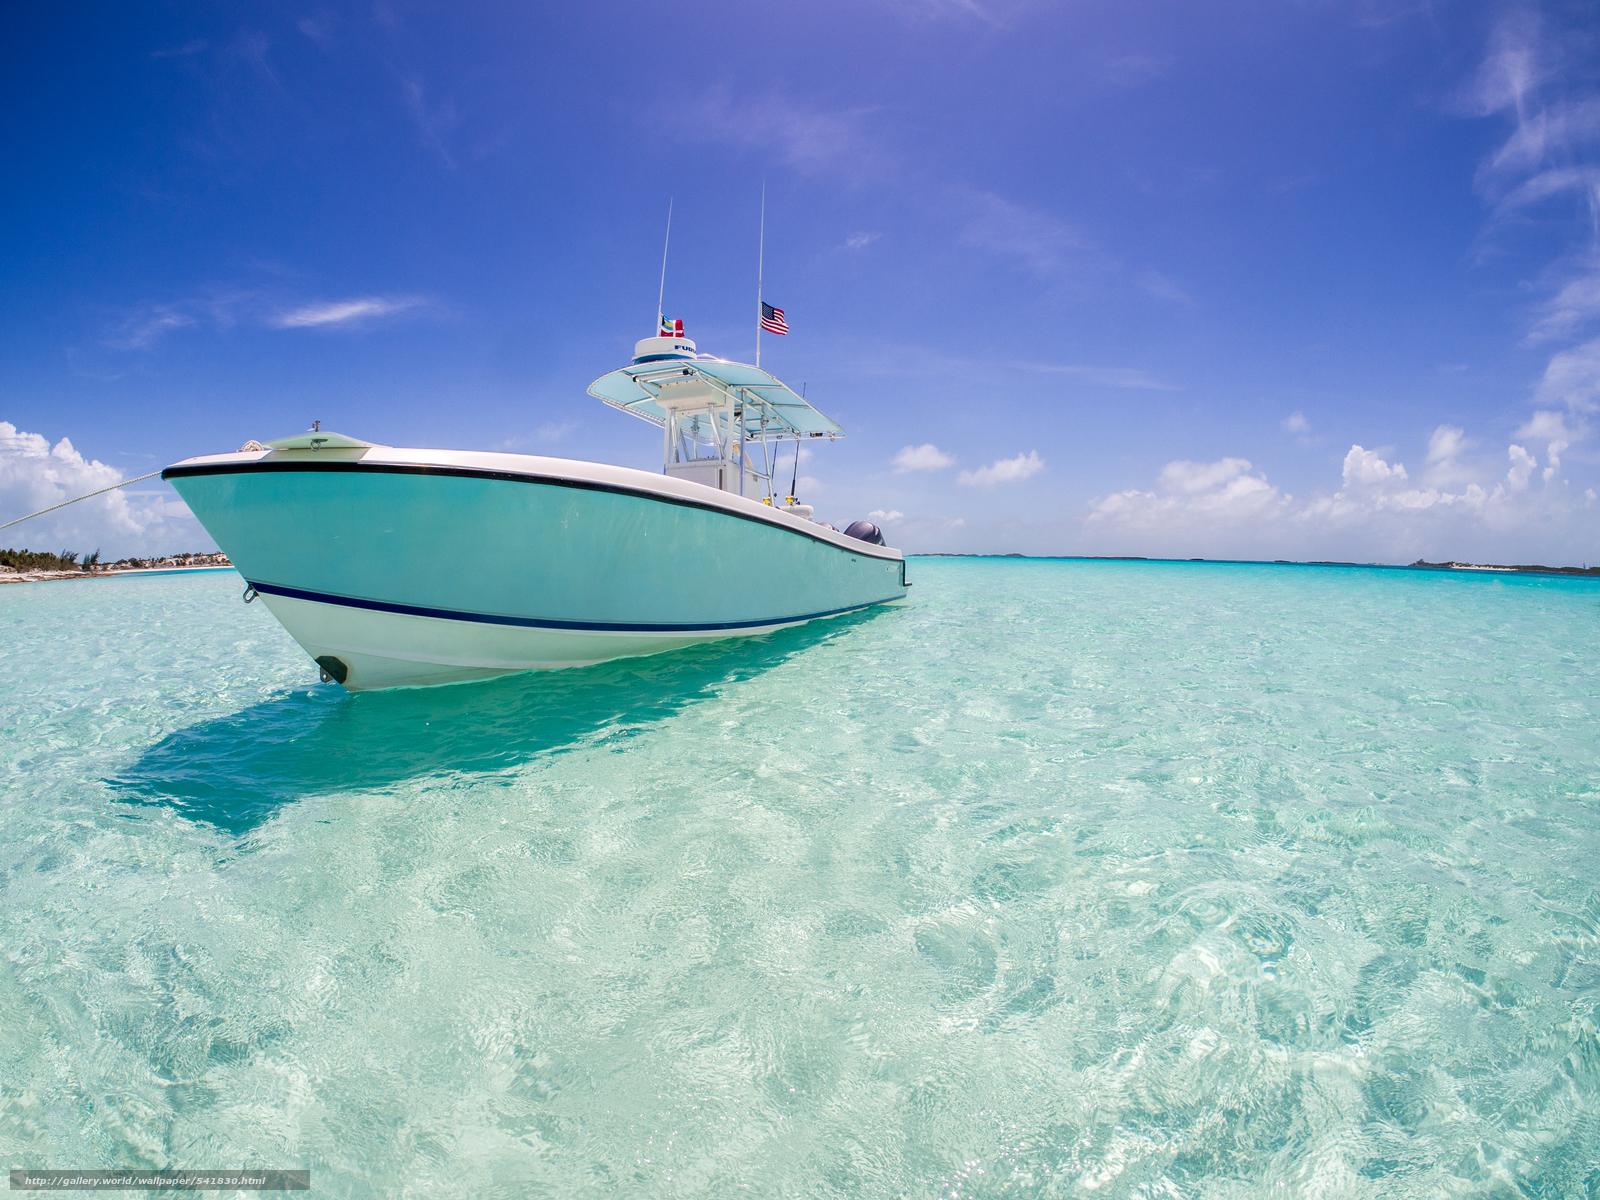 Tlcharger Fond d'ecran yacht,  Îles xhuma,  Bahamas,  Mer des Caraïbes Fonds d'ecran gratuits pour votre rsolution du bureau 4608x3456 — image №541830